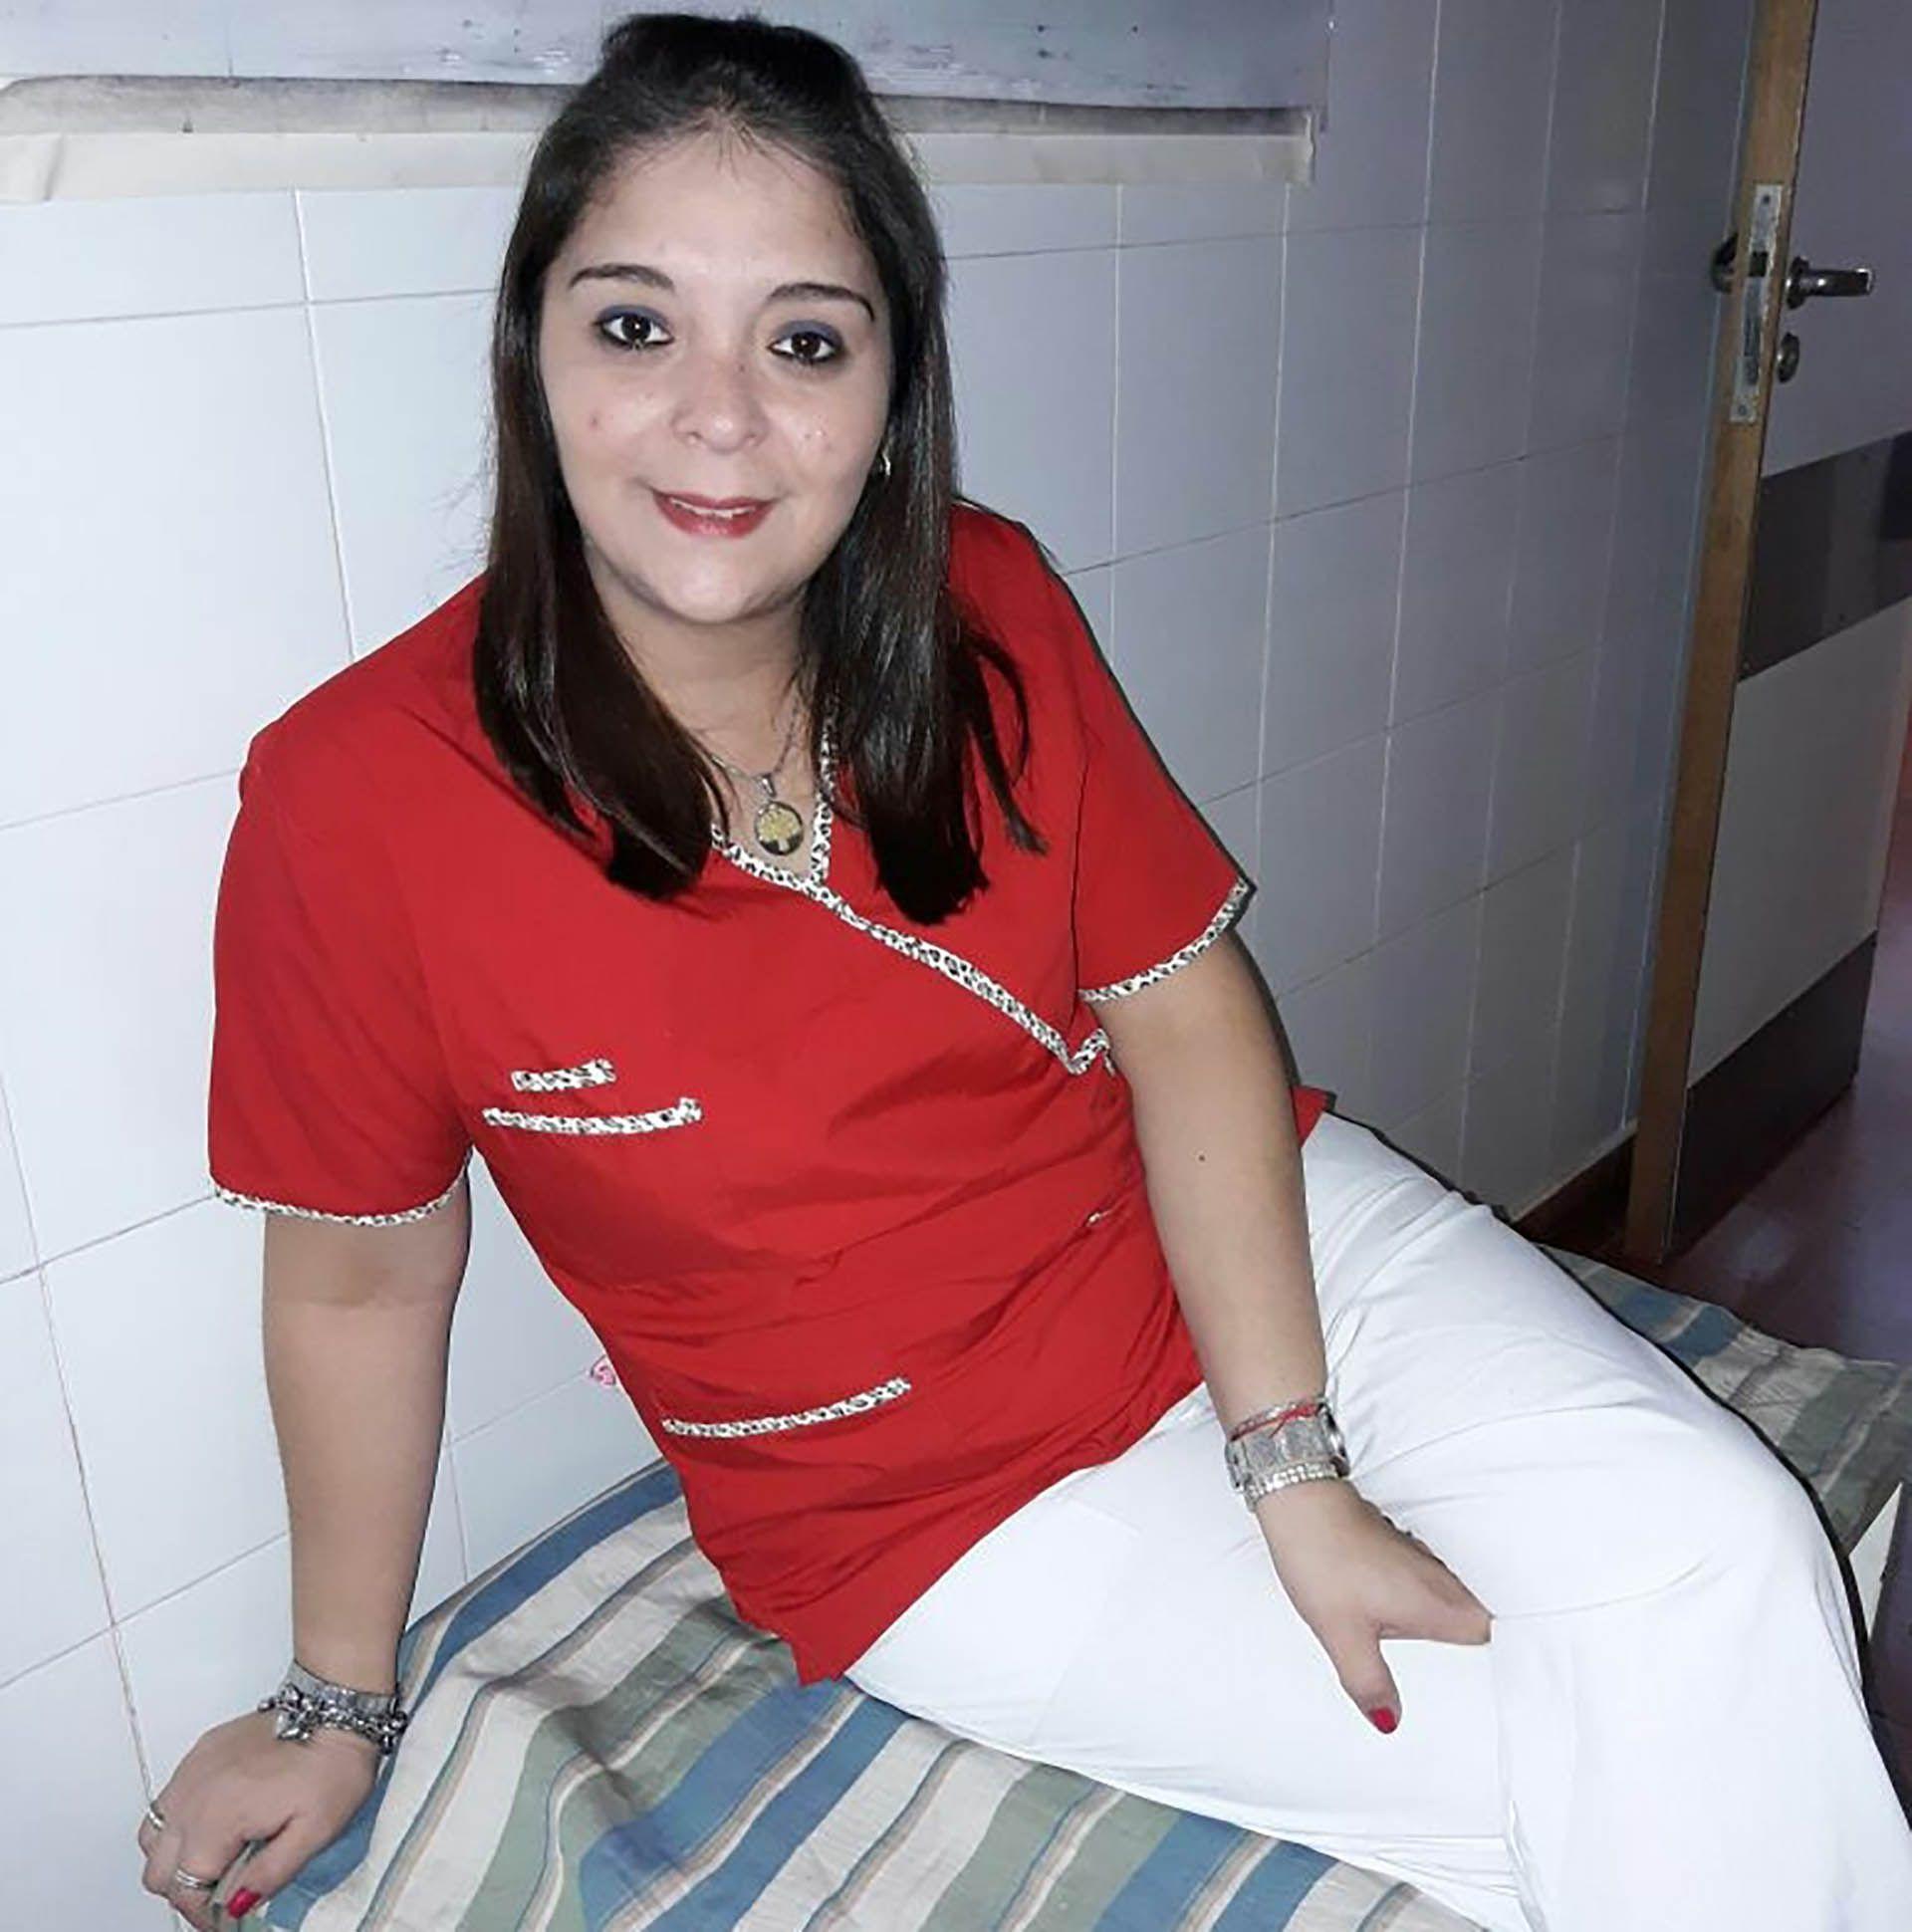 Daiana Almeida, de 30 años, trabajaba como enfermera en el hospital San Felipe de San Nicolás